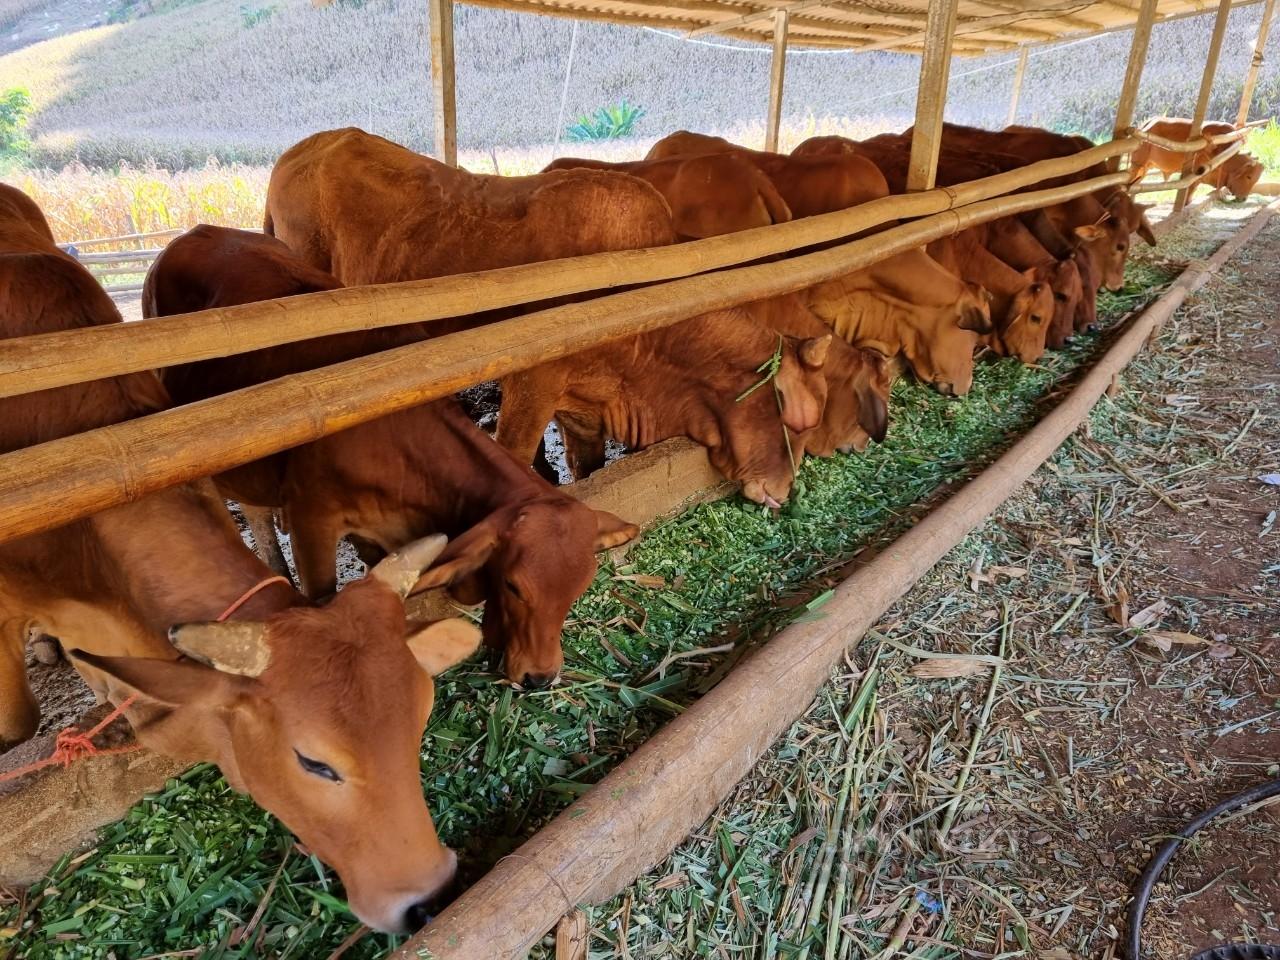 Đàn bò lai Sind của anh Dạy đang sinh trưởng và phát triển tốt. Ảnh: Mùa Xuân.